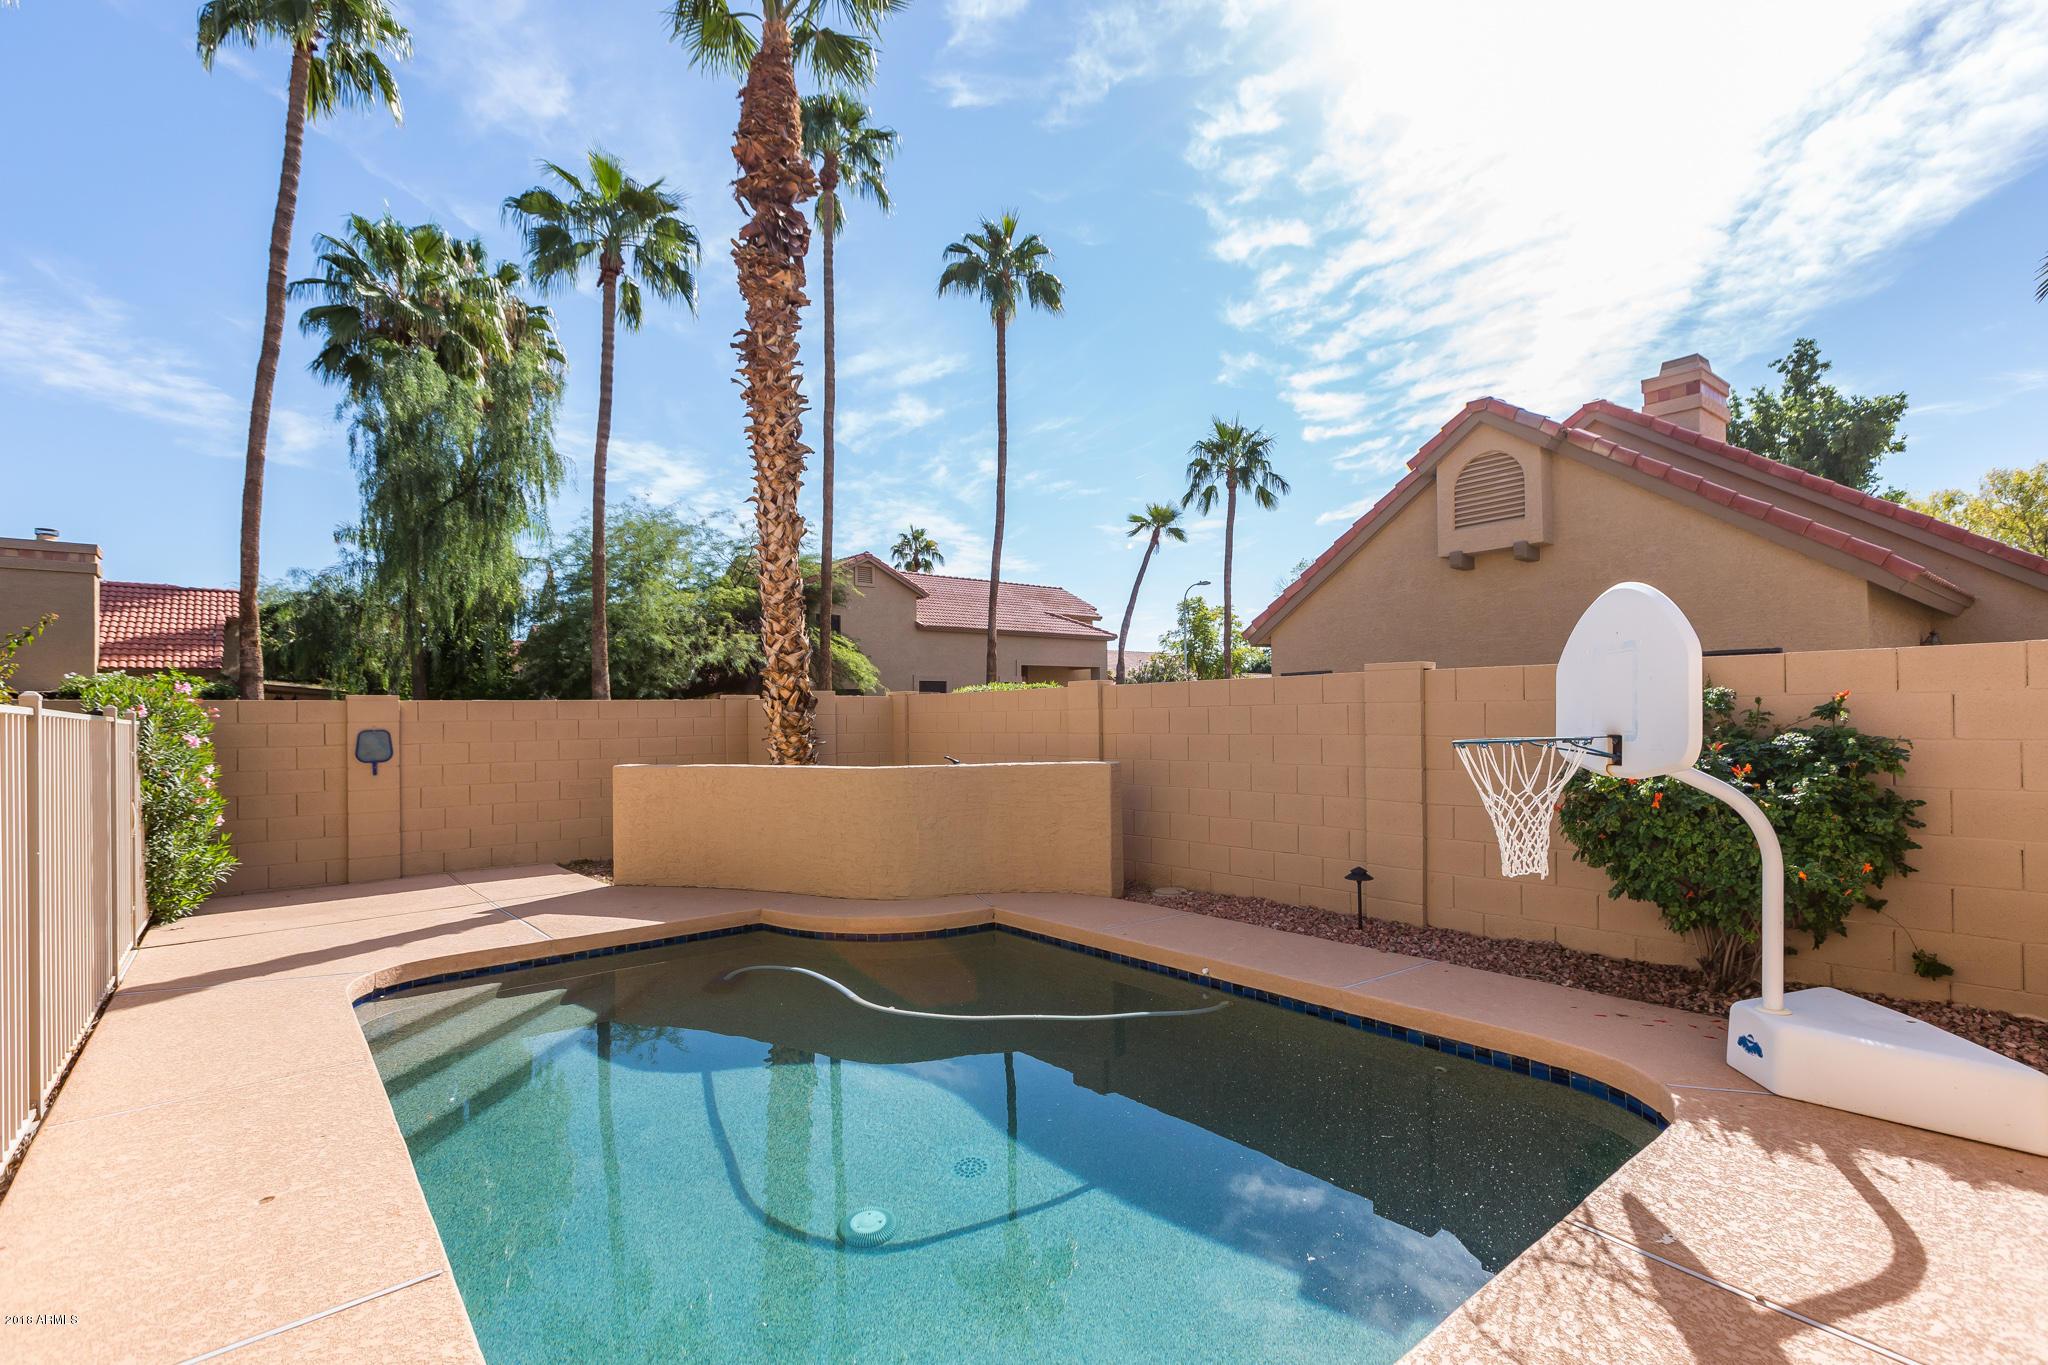 MLS 5841318 4643 W SHANNON Street, Chandler, AZ 85226 Chandler AZ Dawn